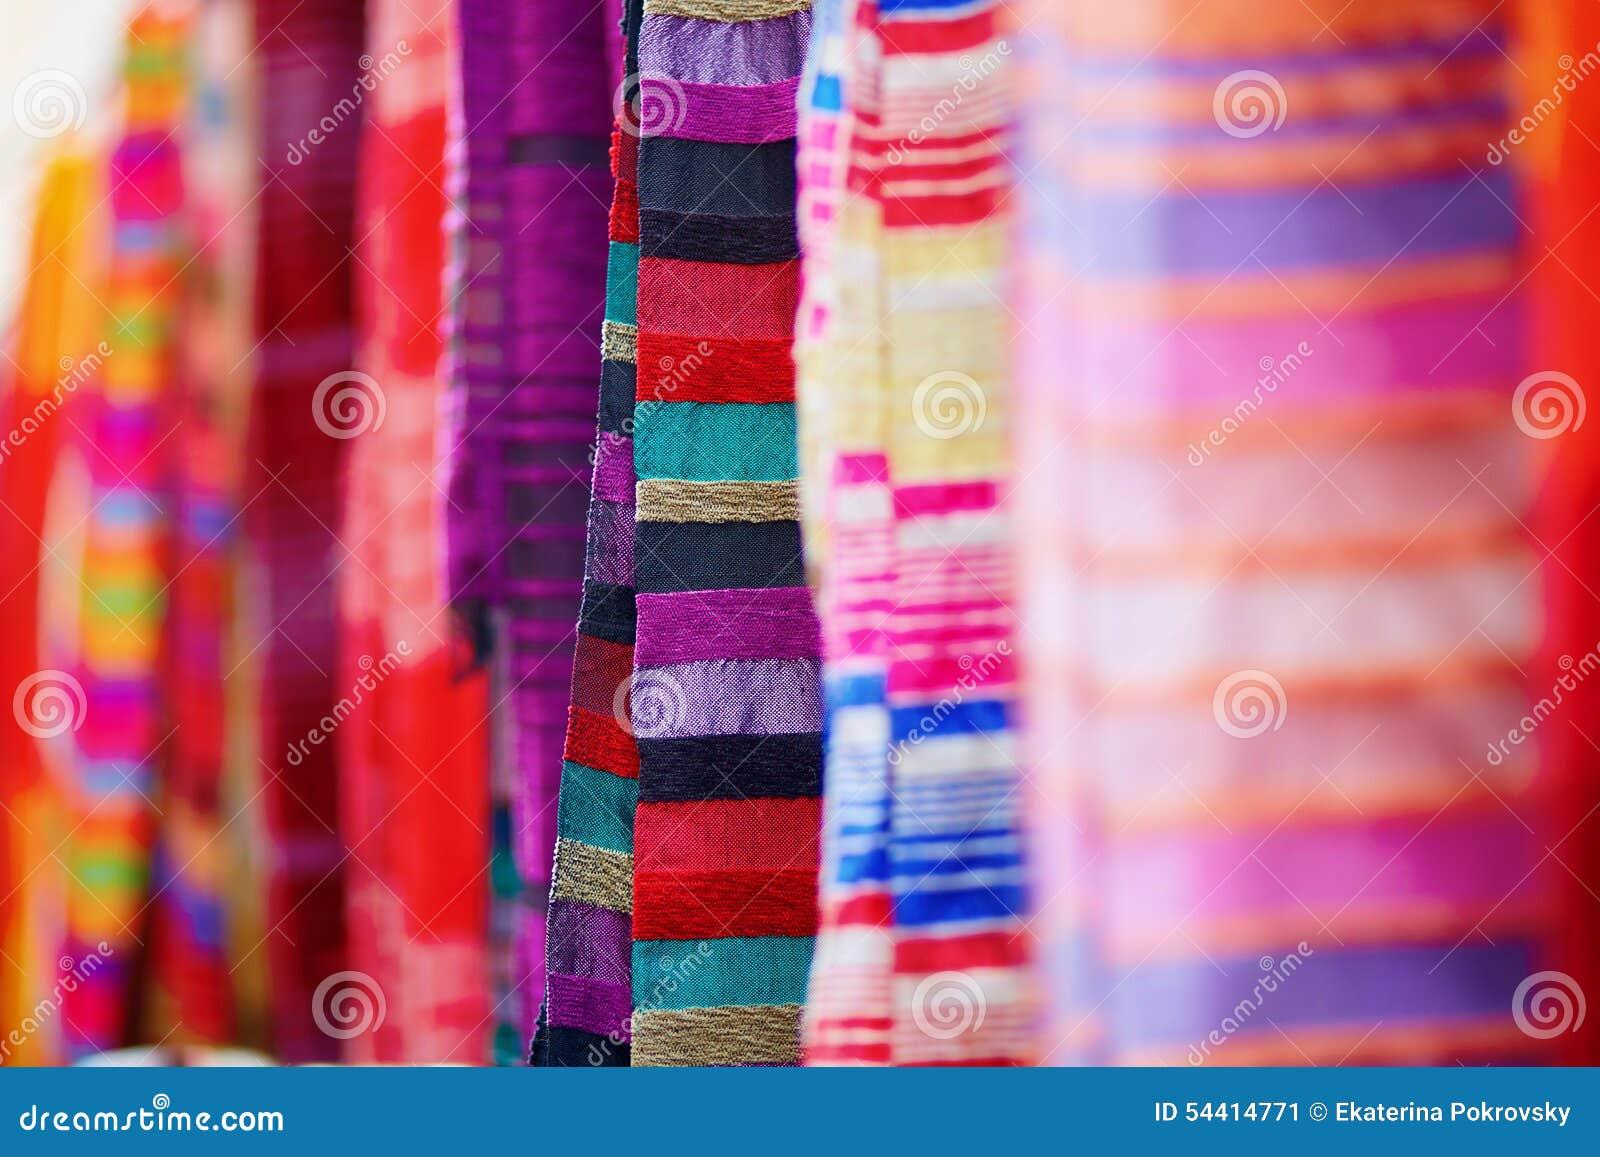 Telas y alfombras coloridas para la venta en essaouira - Telas para alfombras ...